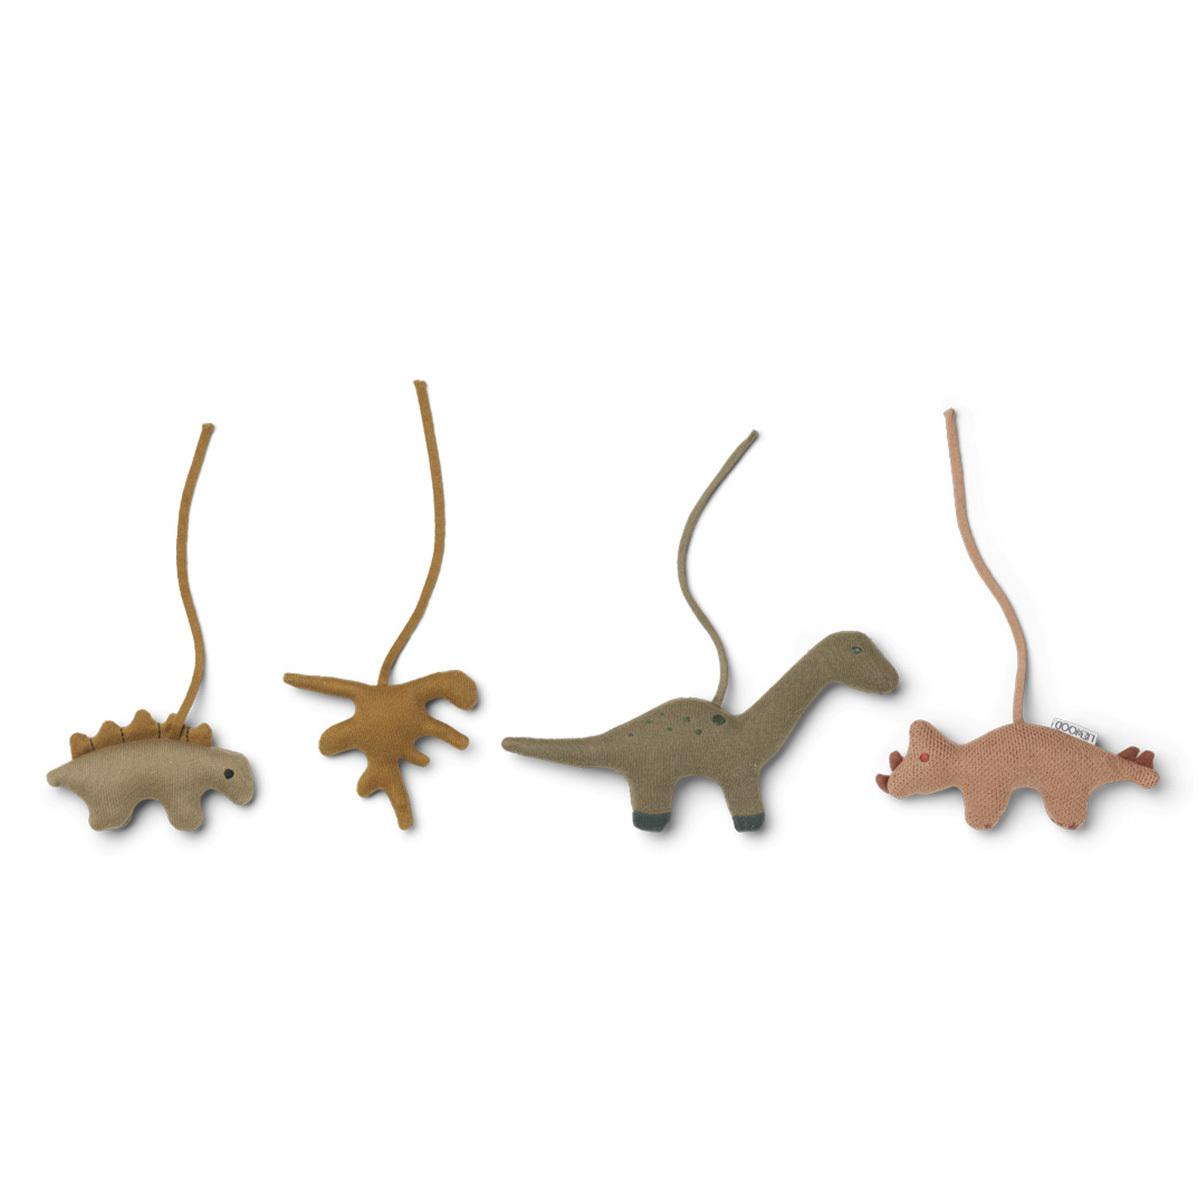 Arche Jouets pour Arche d'Activités Gio - Dino Golden Caramel Multi Mix Jouets pour Arche d'Activités Gio - Dino Golden Caramel Multi Mix